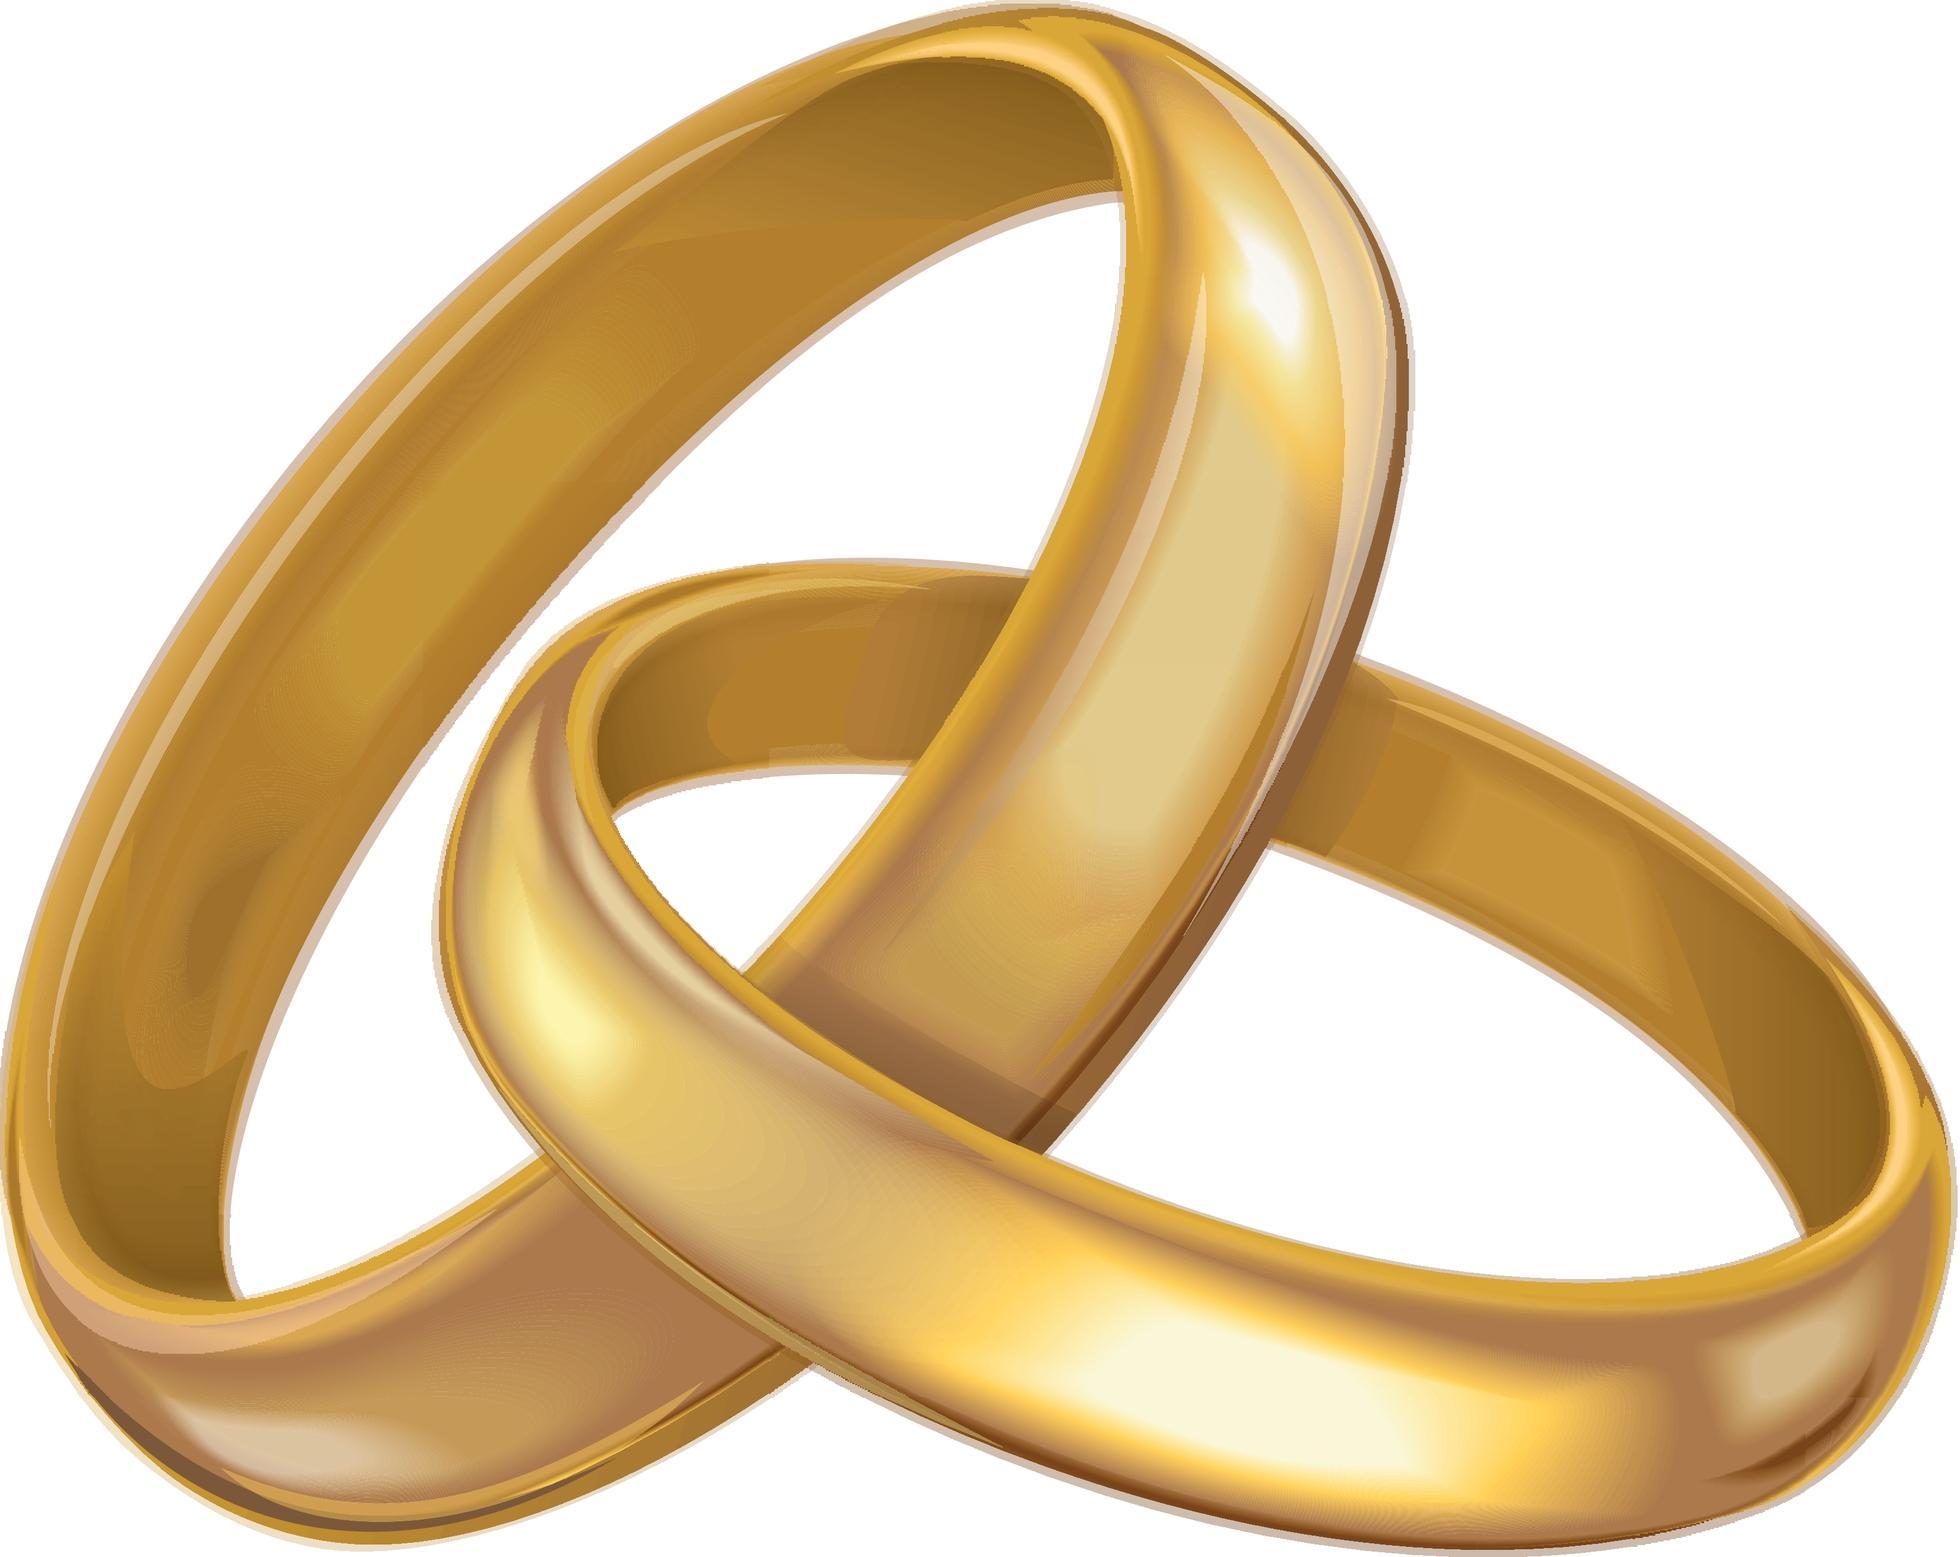 Engagement ring clip art 3 photoscape